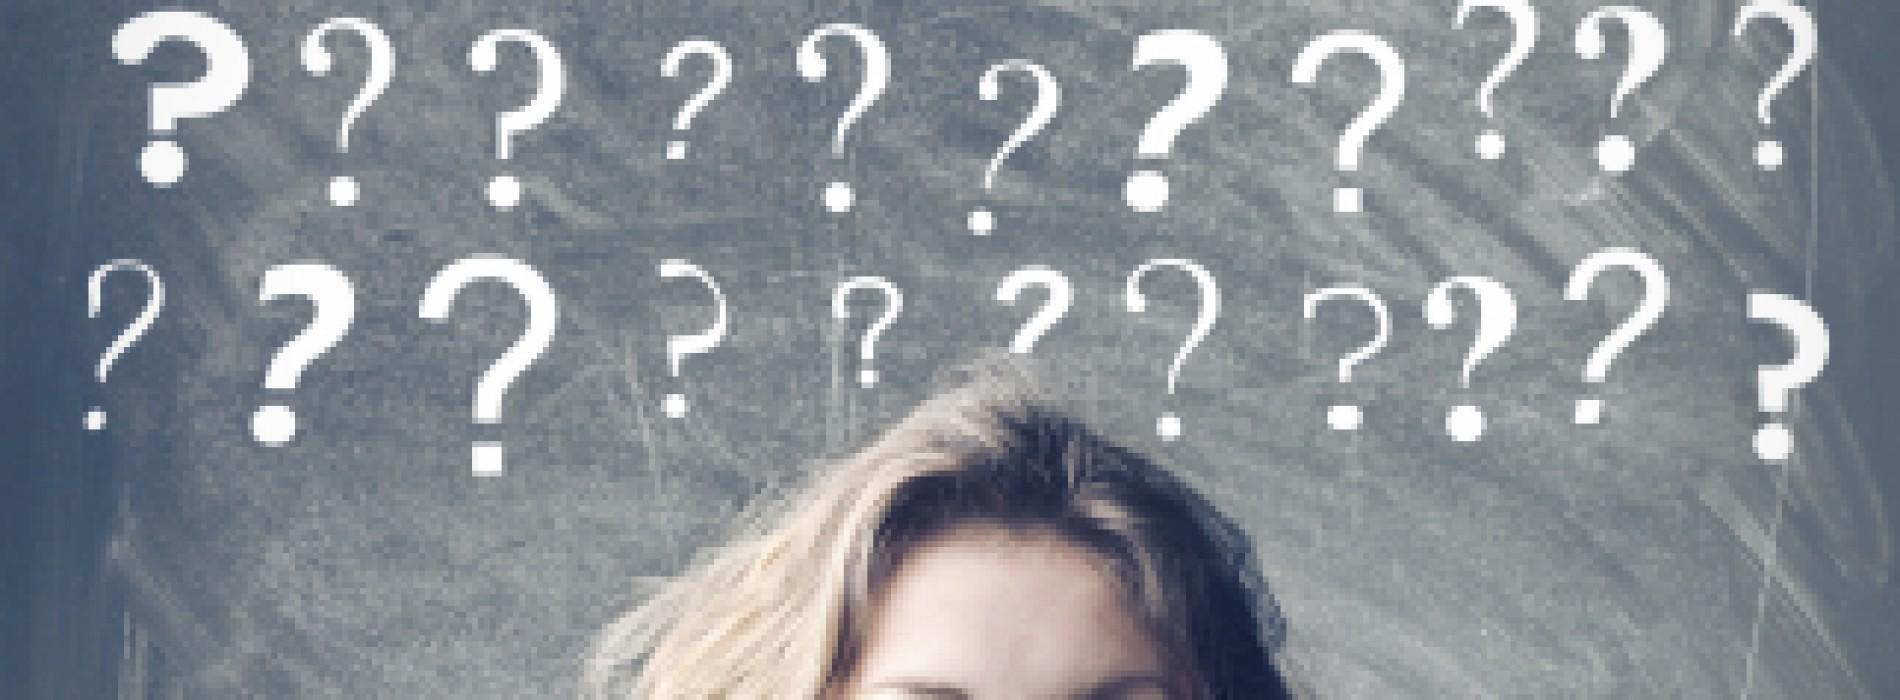 Jak powinno się odchudzać? Czy odchudzanie na własną rękę jest właściwe?